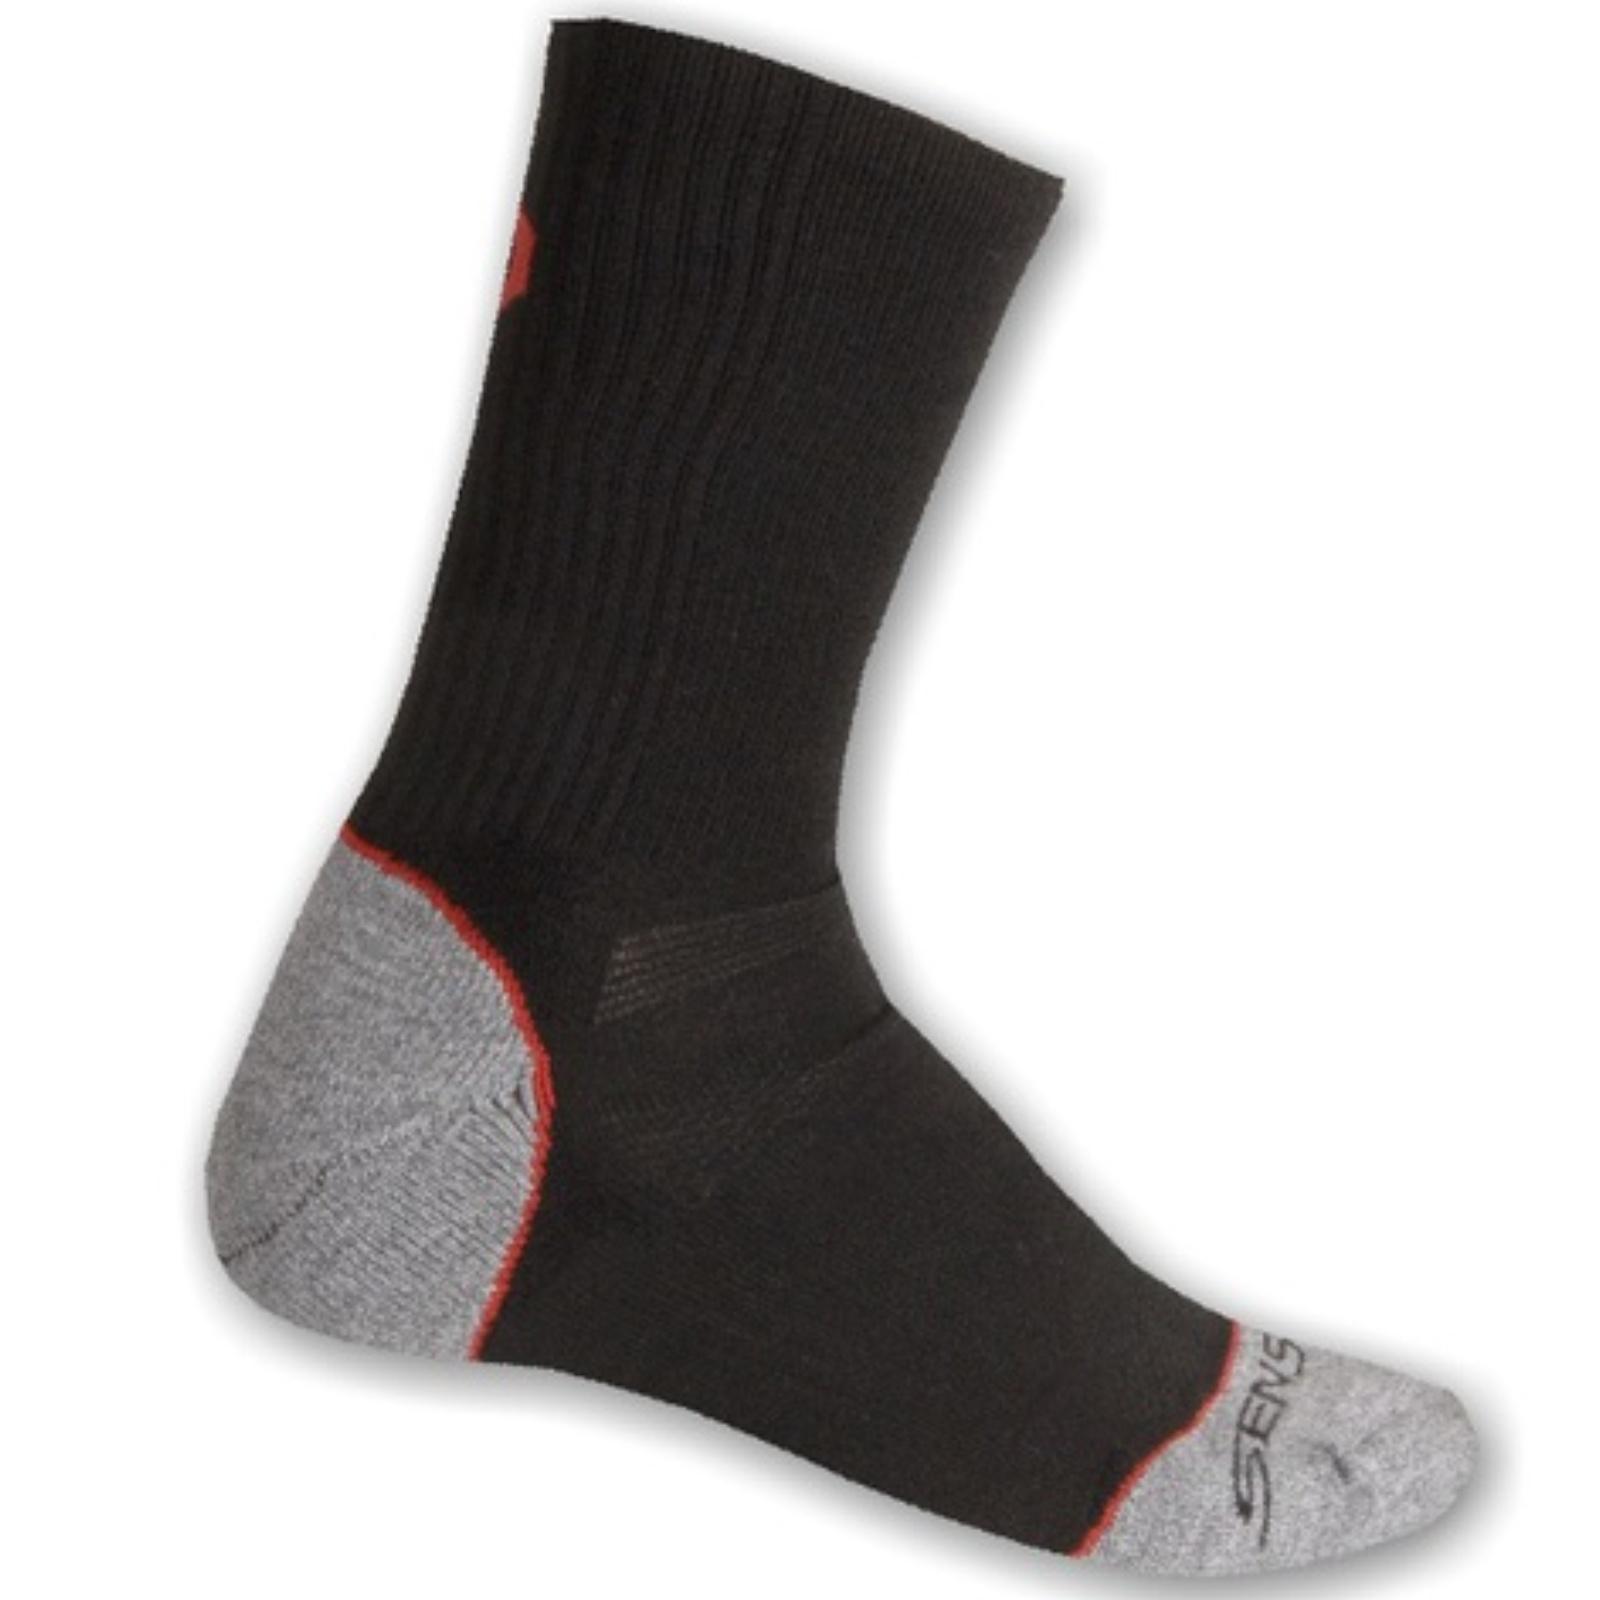 Ponožky SENSOR Hiking Bambus 3-5 černo-červené